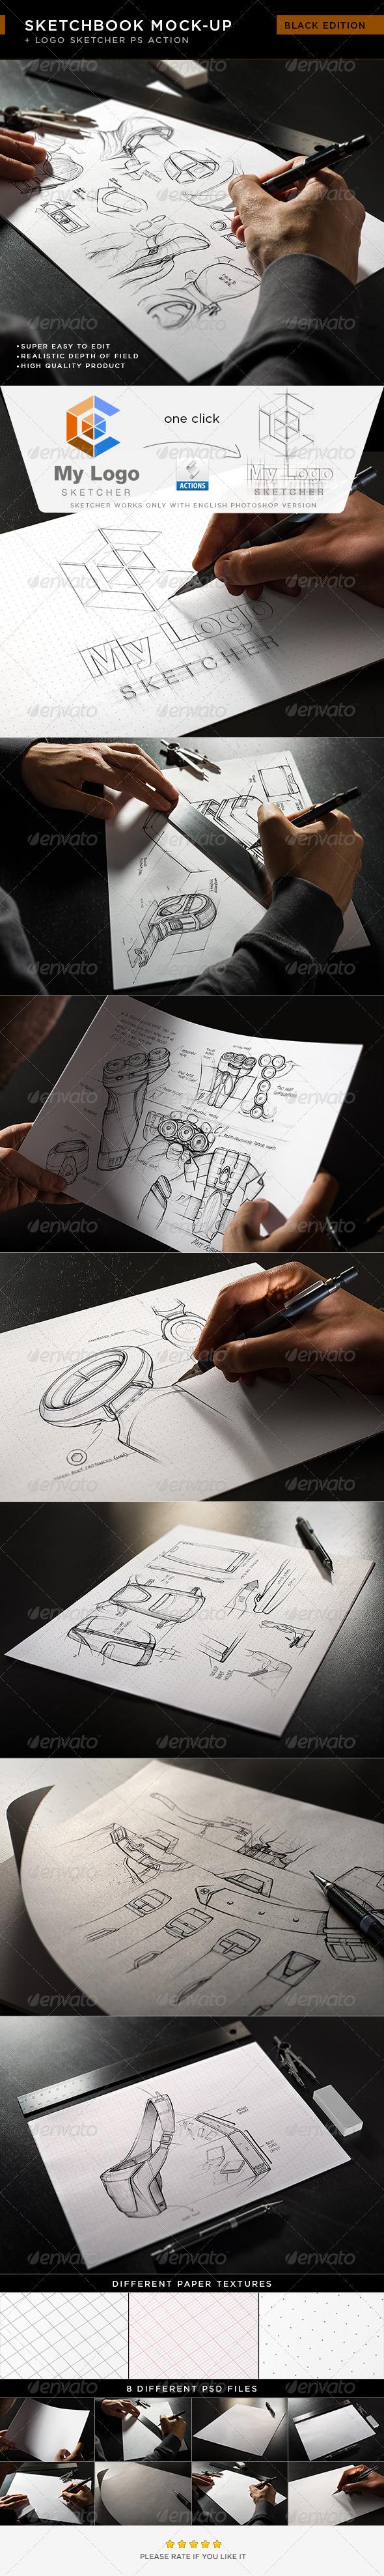 GraphicRiver Sketchbook Mock-Up 7956776